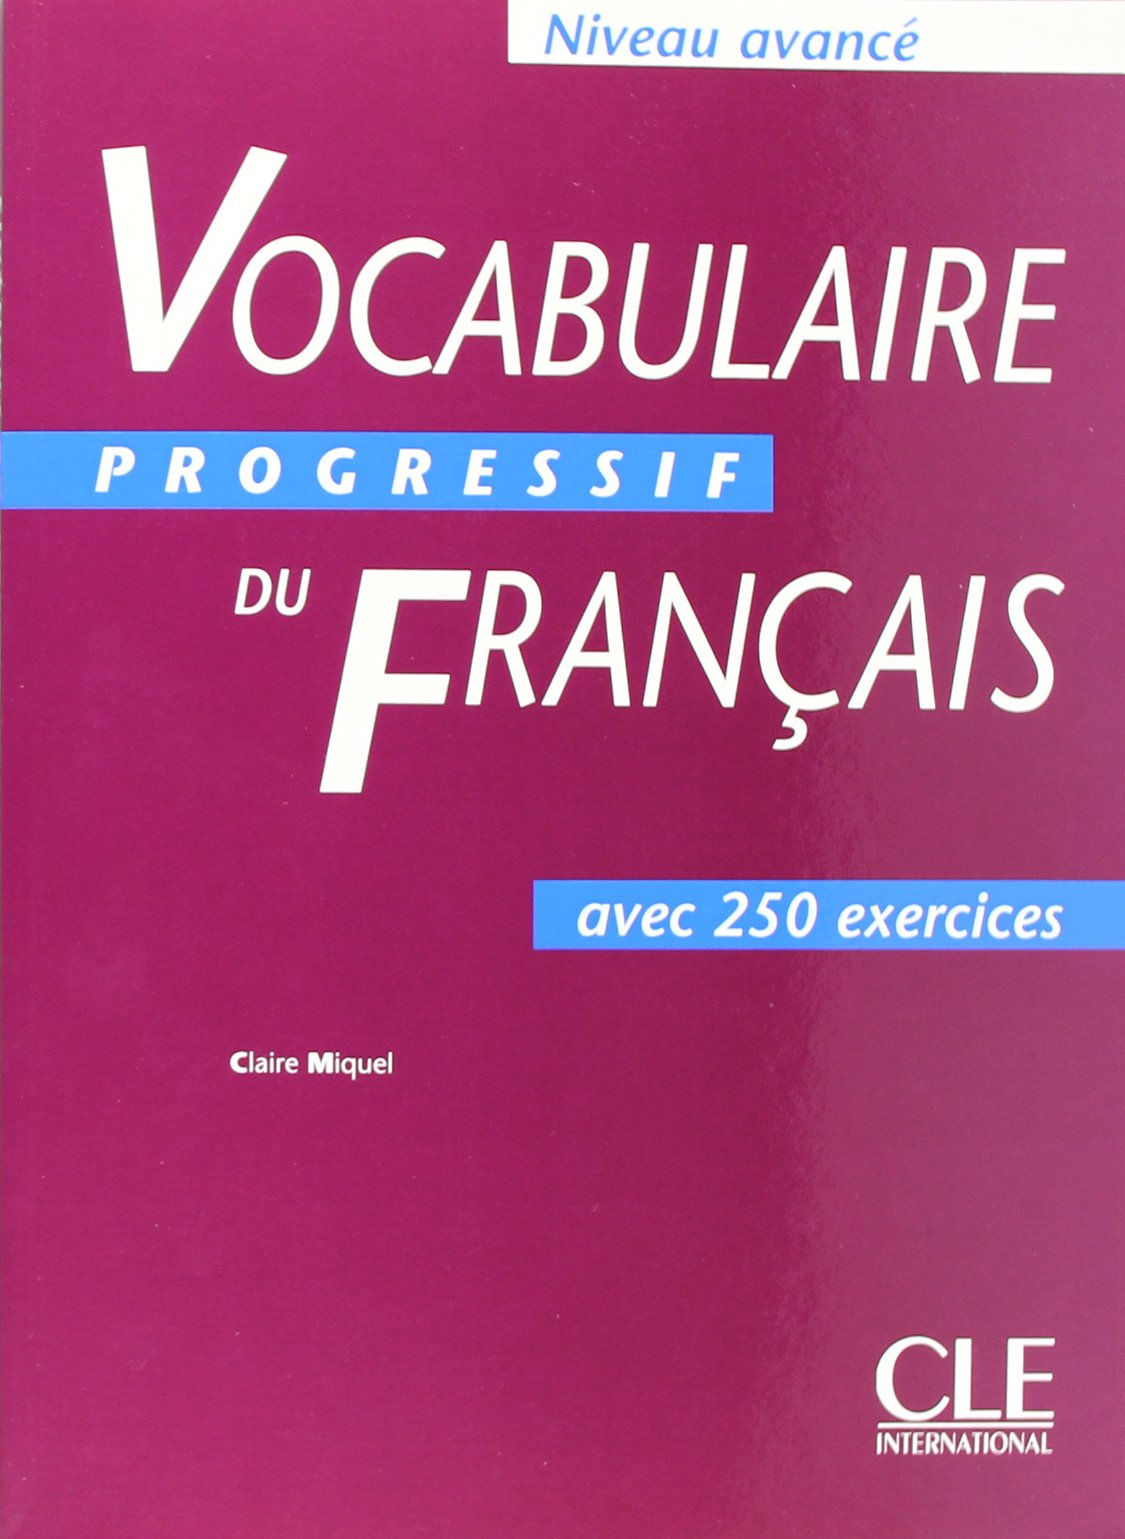 Vocabulaire progressif du français - Niveau avancé. Avec 250 Exercises: Vocabulaire progressif du Français - Niveau avancé